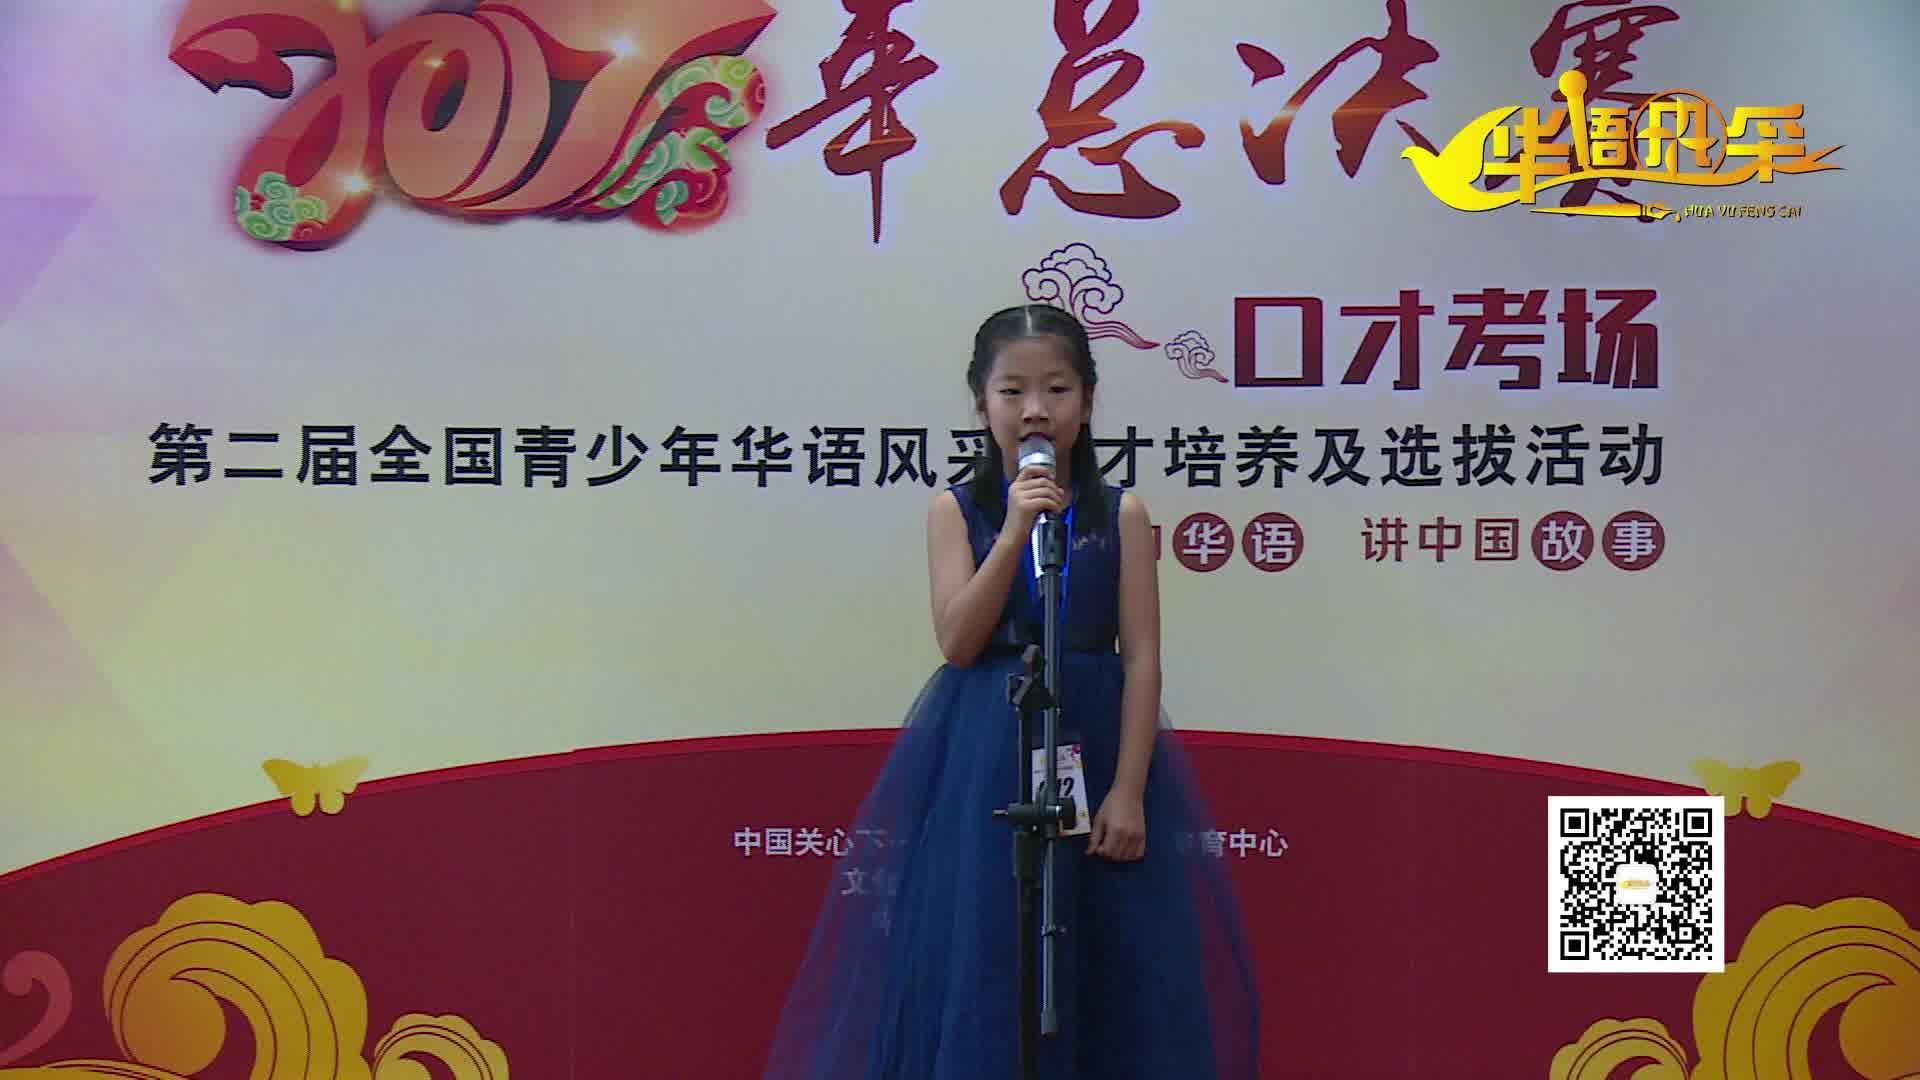 072号选手:张语诺